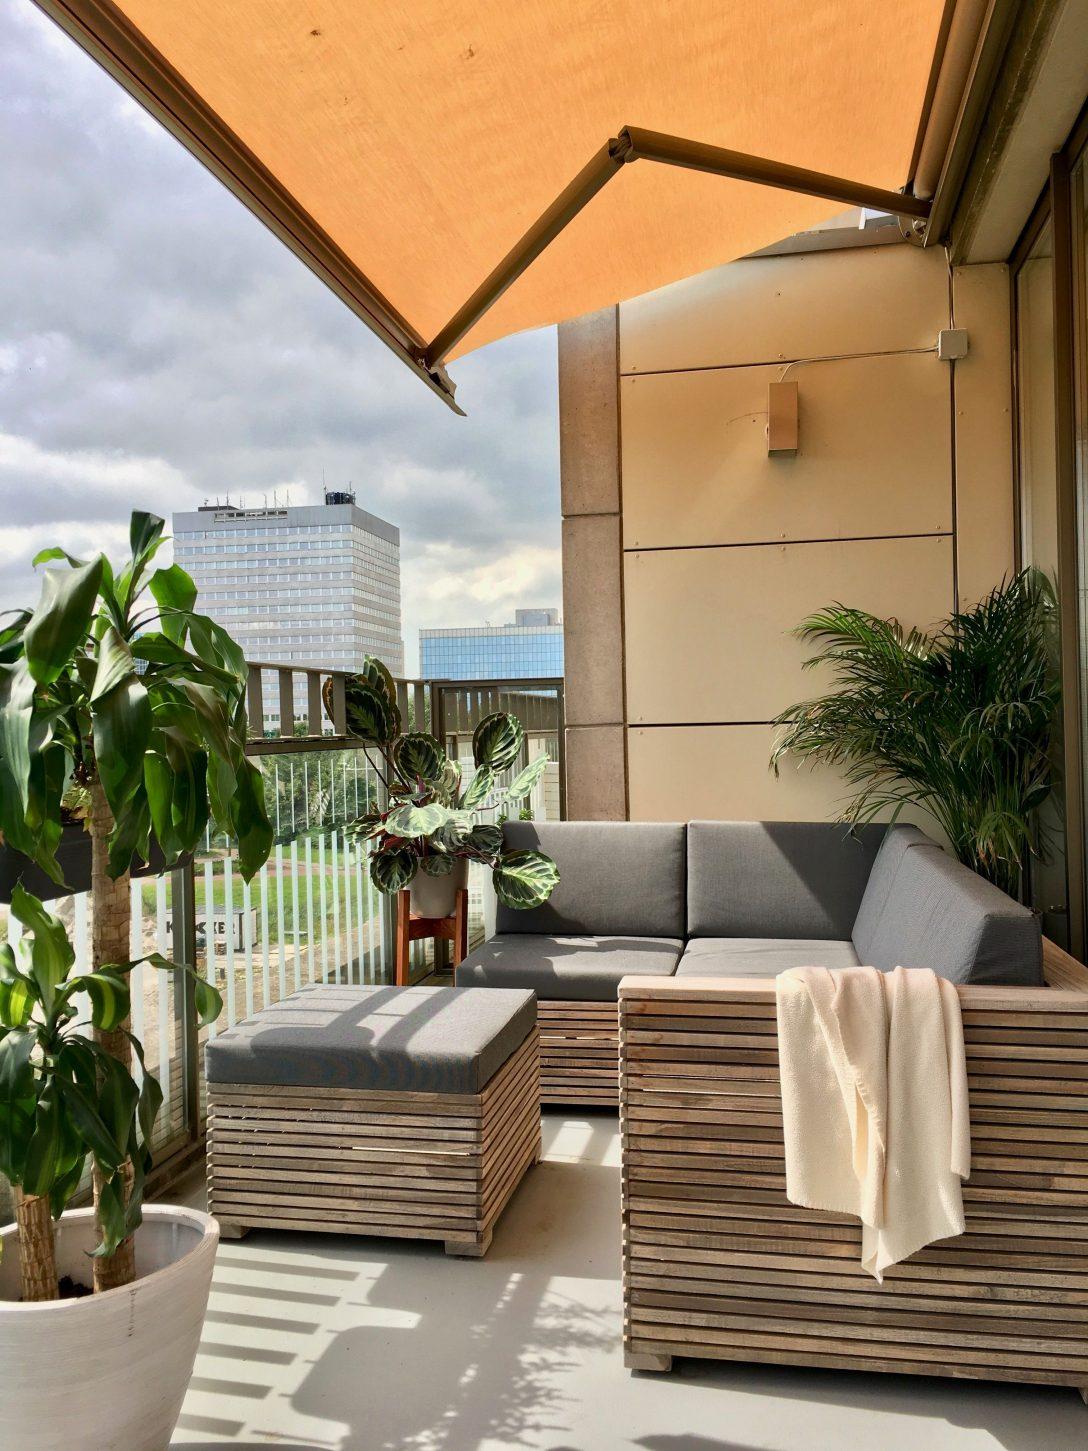 Large Size of Loungemöbel Balkon Loungen Auf Dem Elegant Aber Trozdem Lssig Mit Der Rough Garten Günstig Holz Wohnzimmer Loungemöbel Balkon